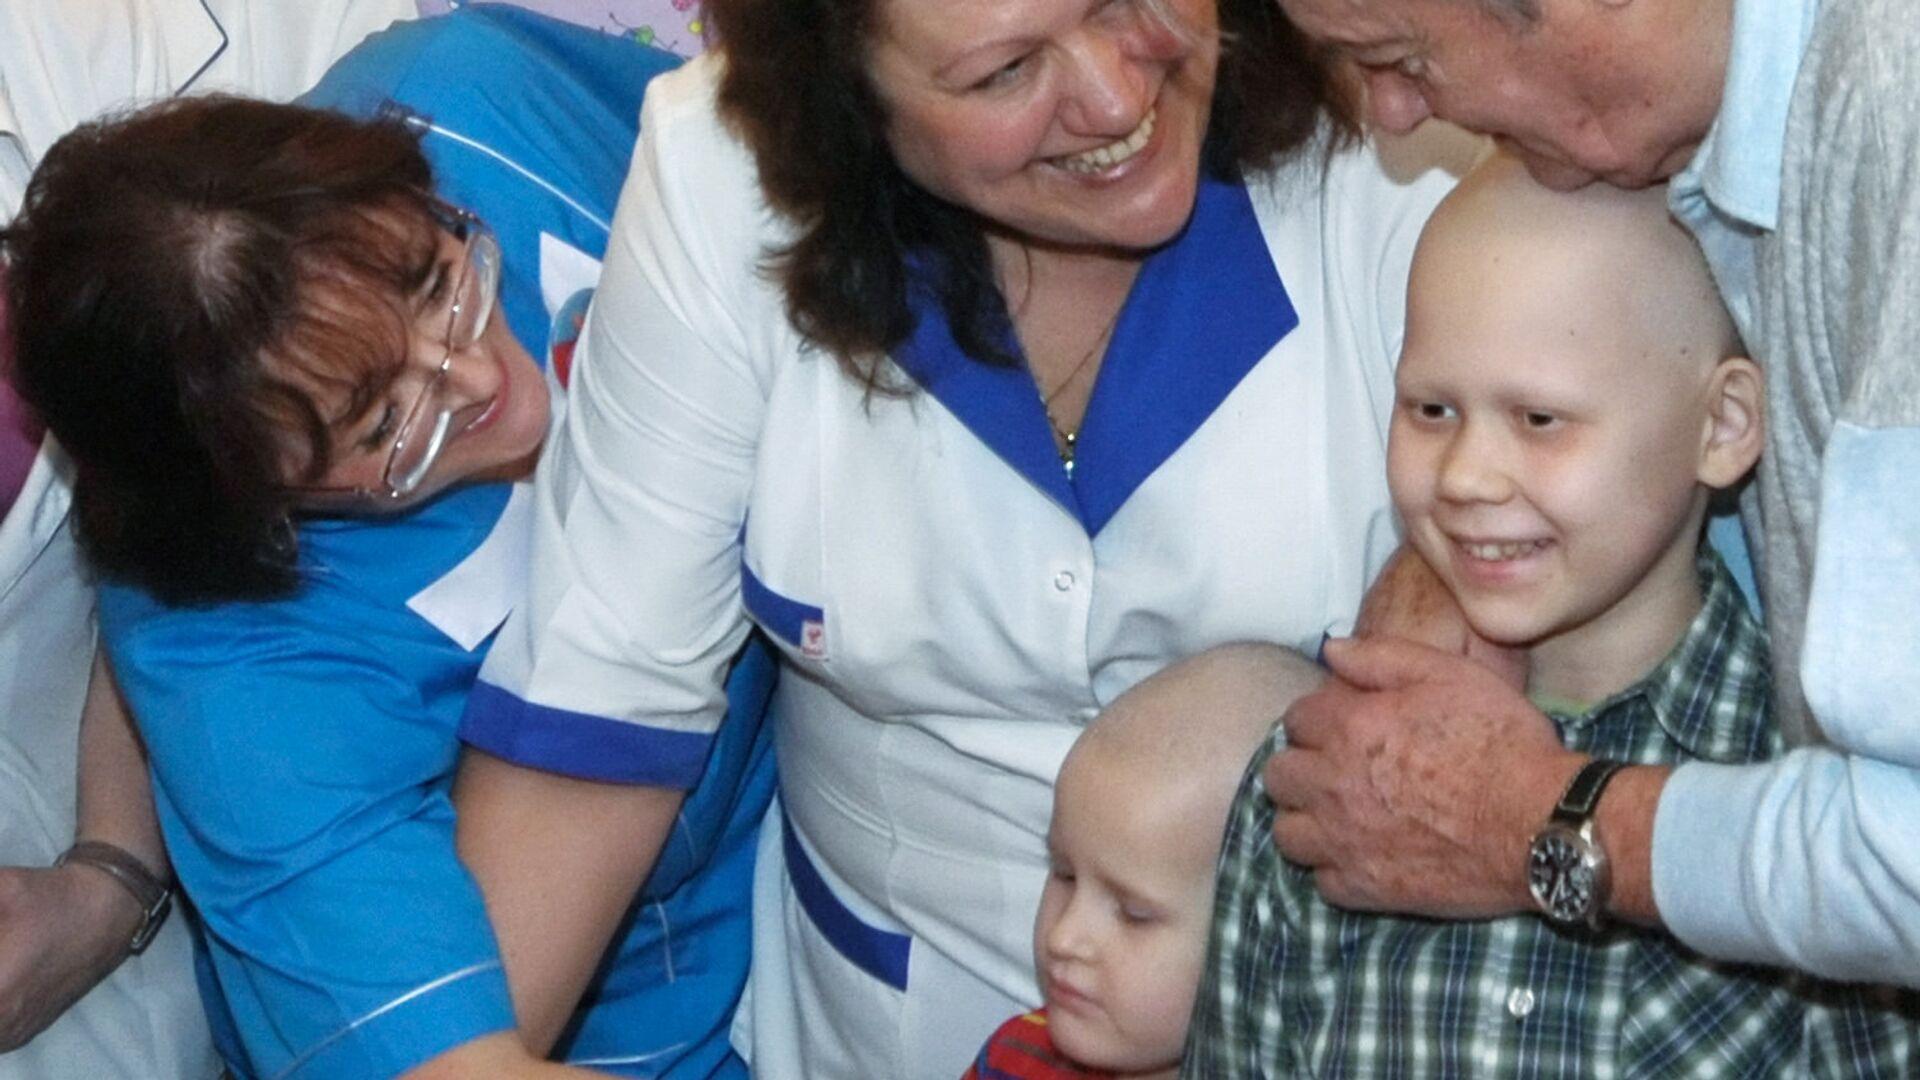 Ален Делон посетил детское онкологическое отделение больницы № 31 в Санкт-Петербурге - РИА Новости, 1920, 06.01.2021